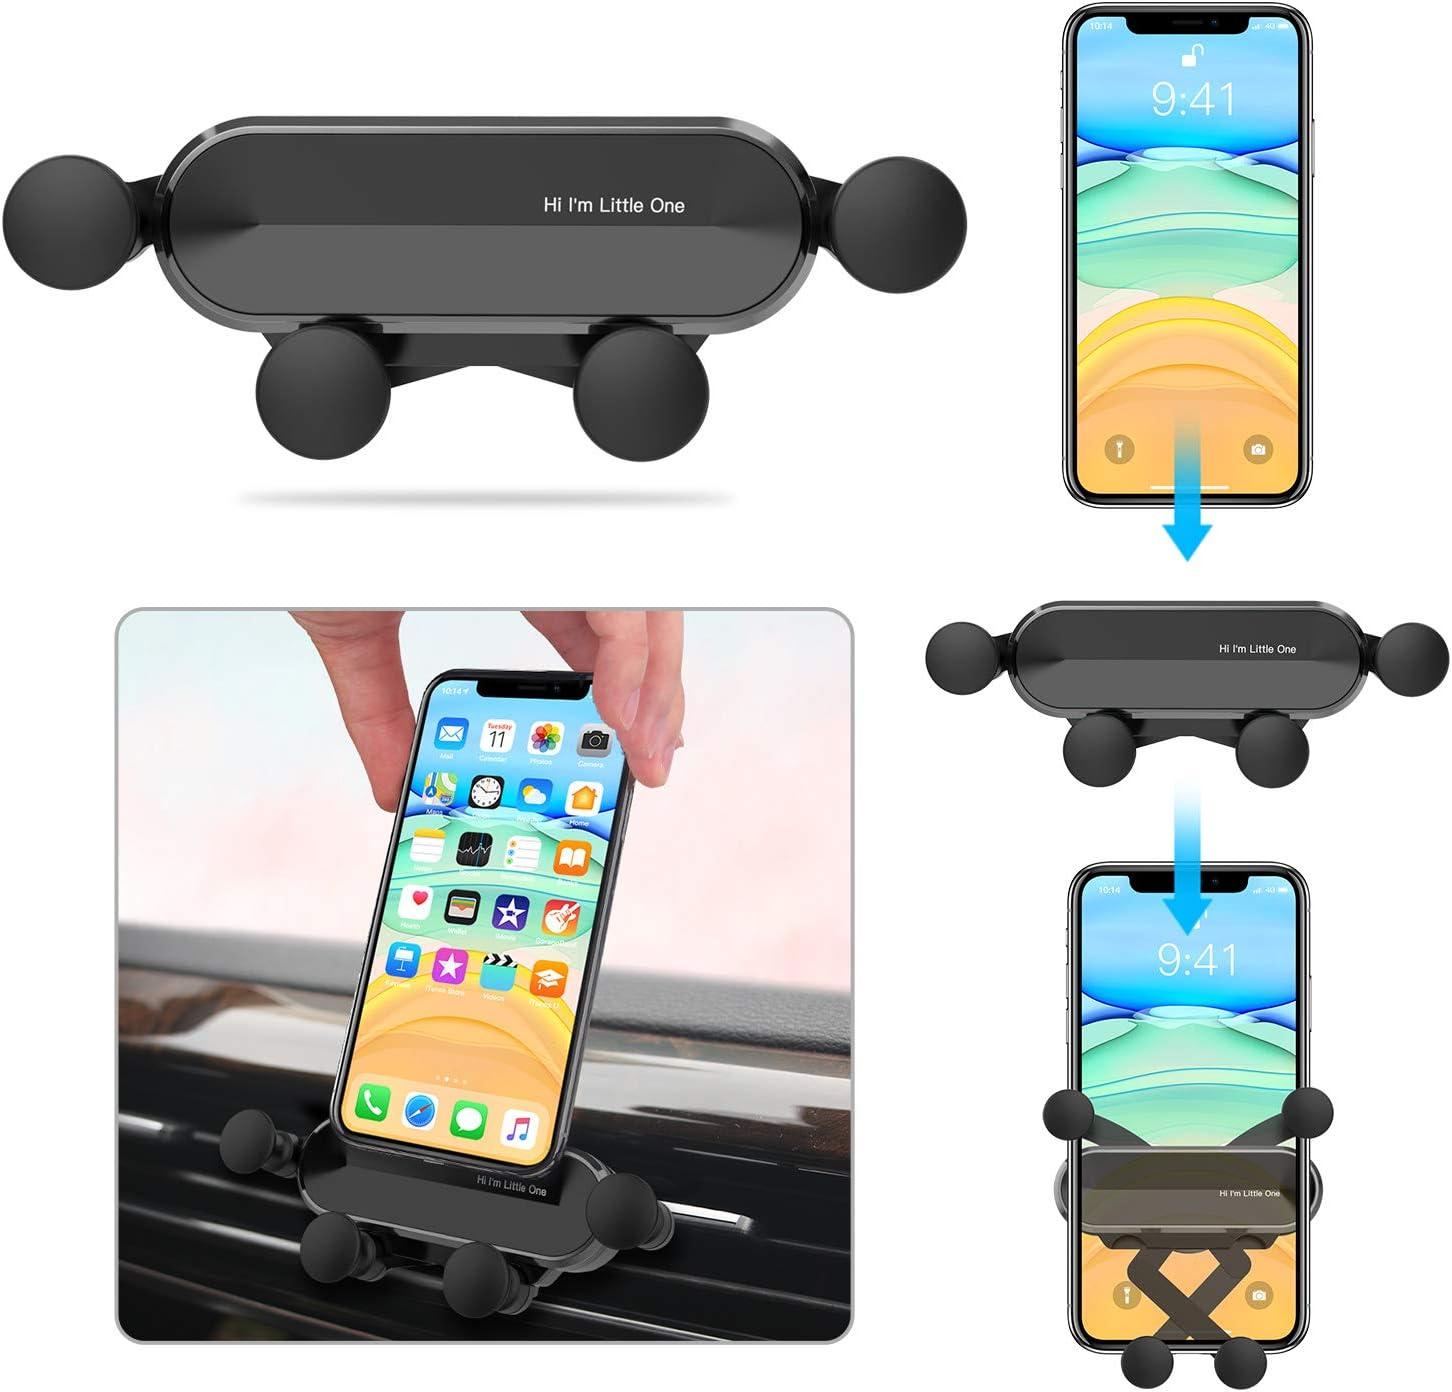 Ossky Soporte Móvil Coche, Universal Soporte Móvil Coche ventilacion Gravedad, Porta Movil Coche para Rejillas del Aire de Coche para iPhone, Android, Samsung, Huawei, etc. de 4.7 a 6.5Pulgadas